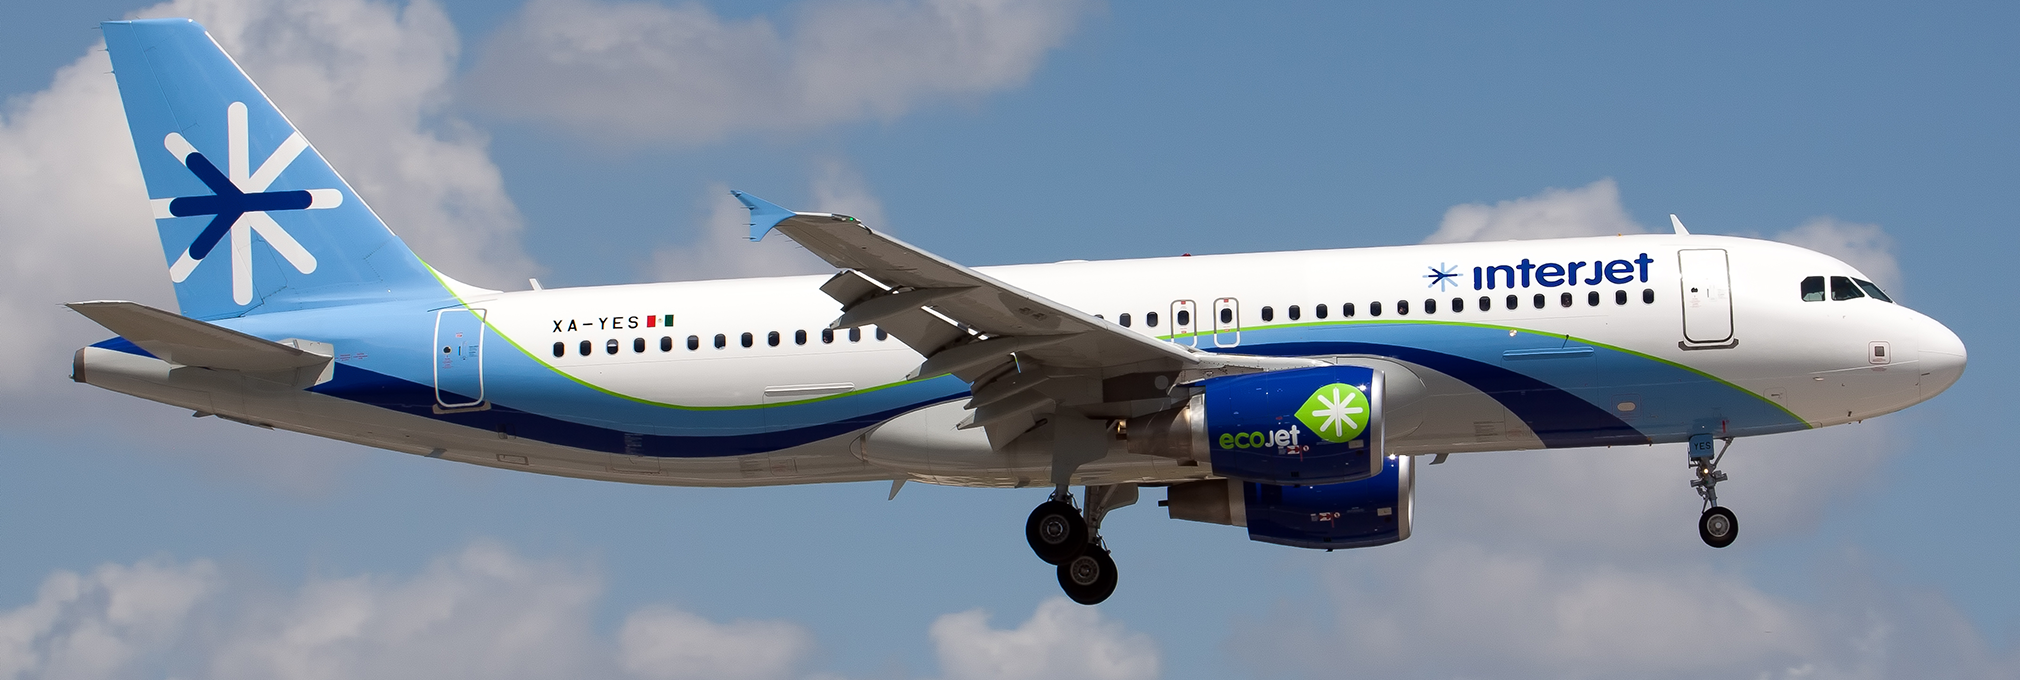 Calificaciones y vuelos de interjet tripadvisor for Oficinas de interjet